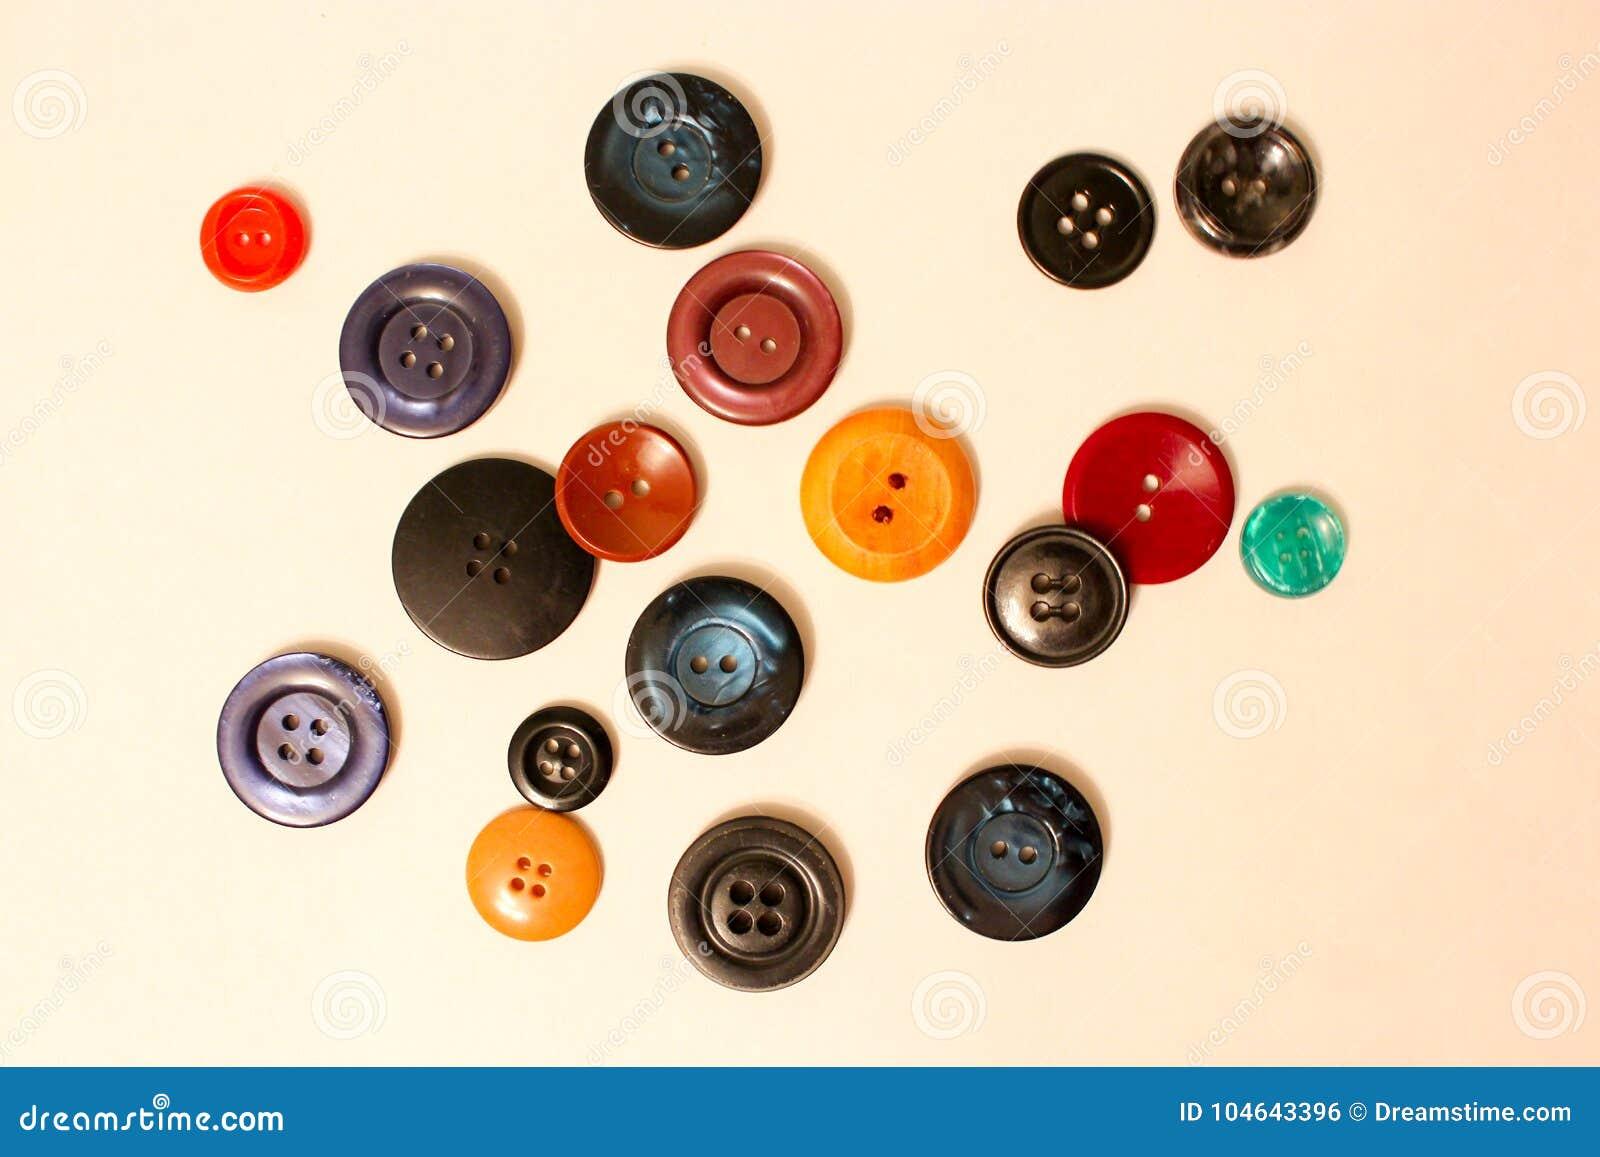 Barwioni guziki dla ubrań i ornamentów